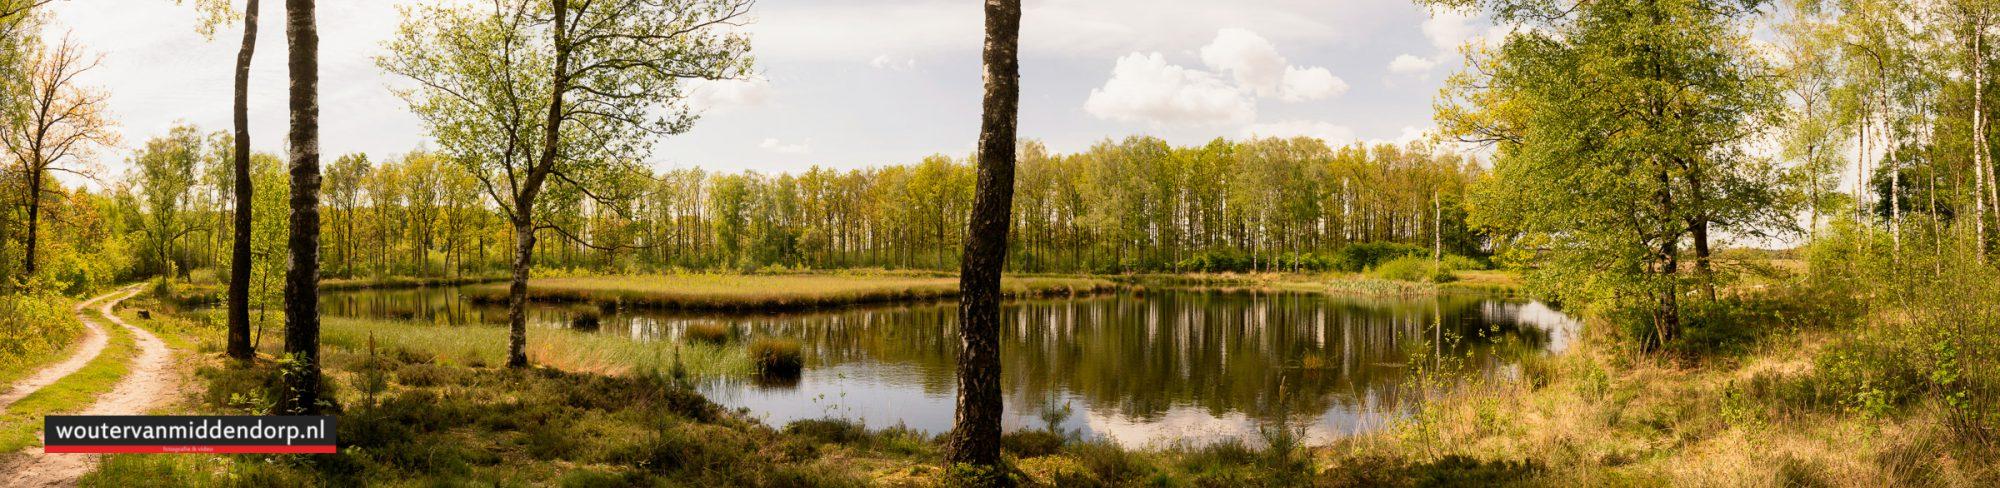 natuurfotografie-10